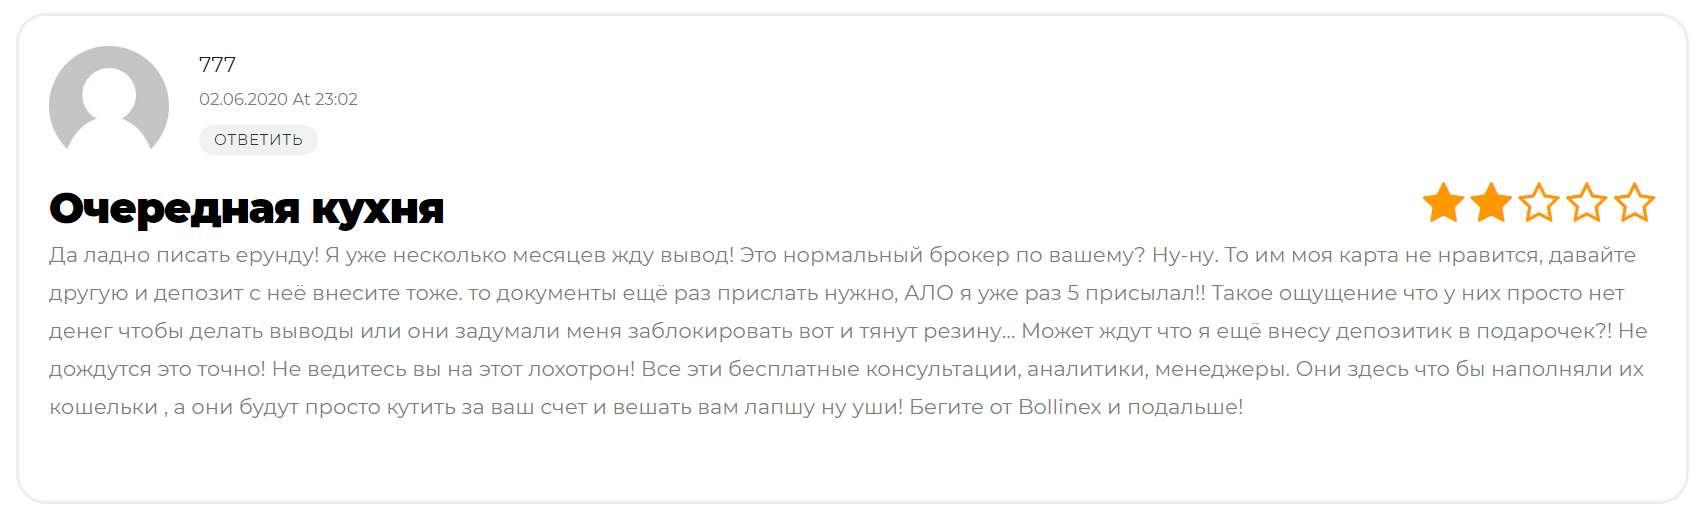 Псевдоброкер Bollinex. Отзывы и обзор проекта которому доверять опасно.